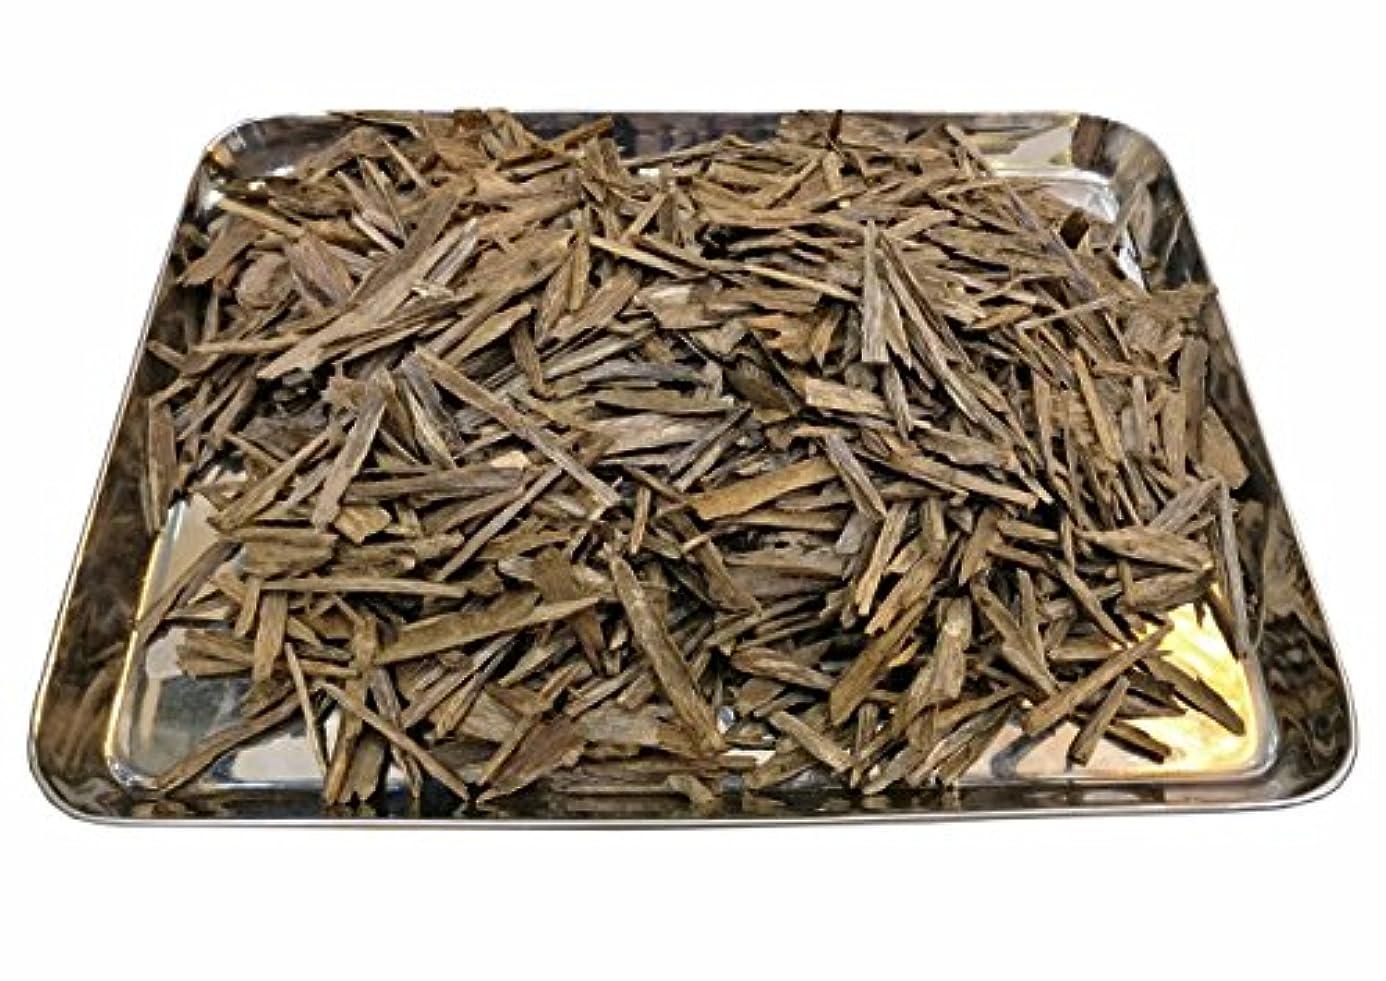 セント移行するバナーAgarwood /インドOudh 1 kg特別仕様Selected Pieces。Wholesale Lot。期間限定キャンペーン。